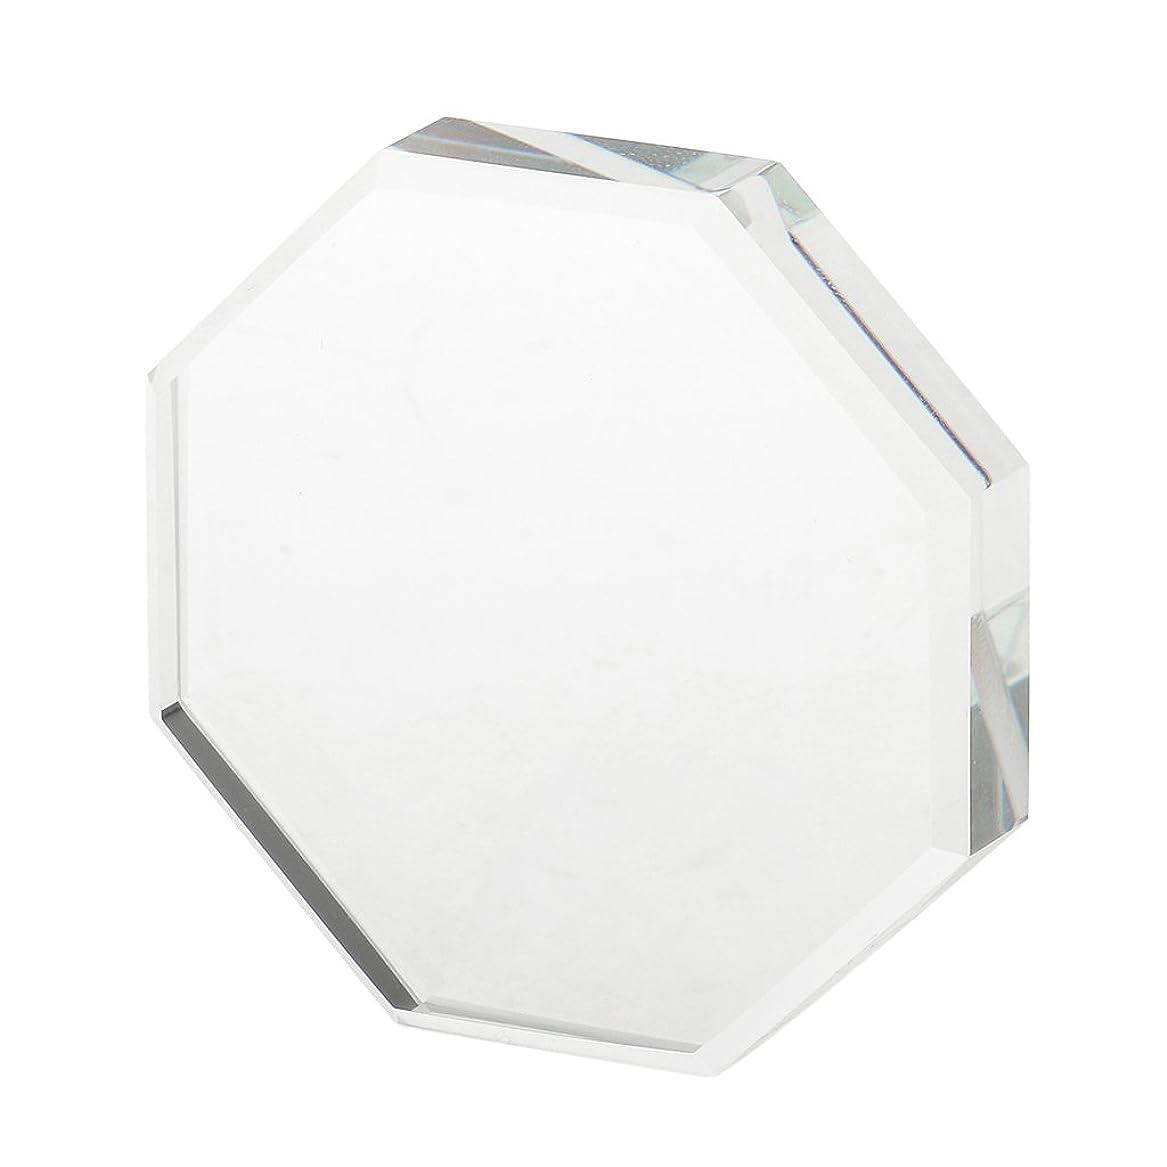 認可請う忙しいKesoto つけまつげ用  パレット ホルダー 美容 ツール まつげエクステンション  - 八角形